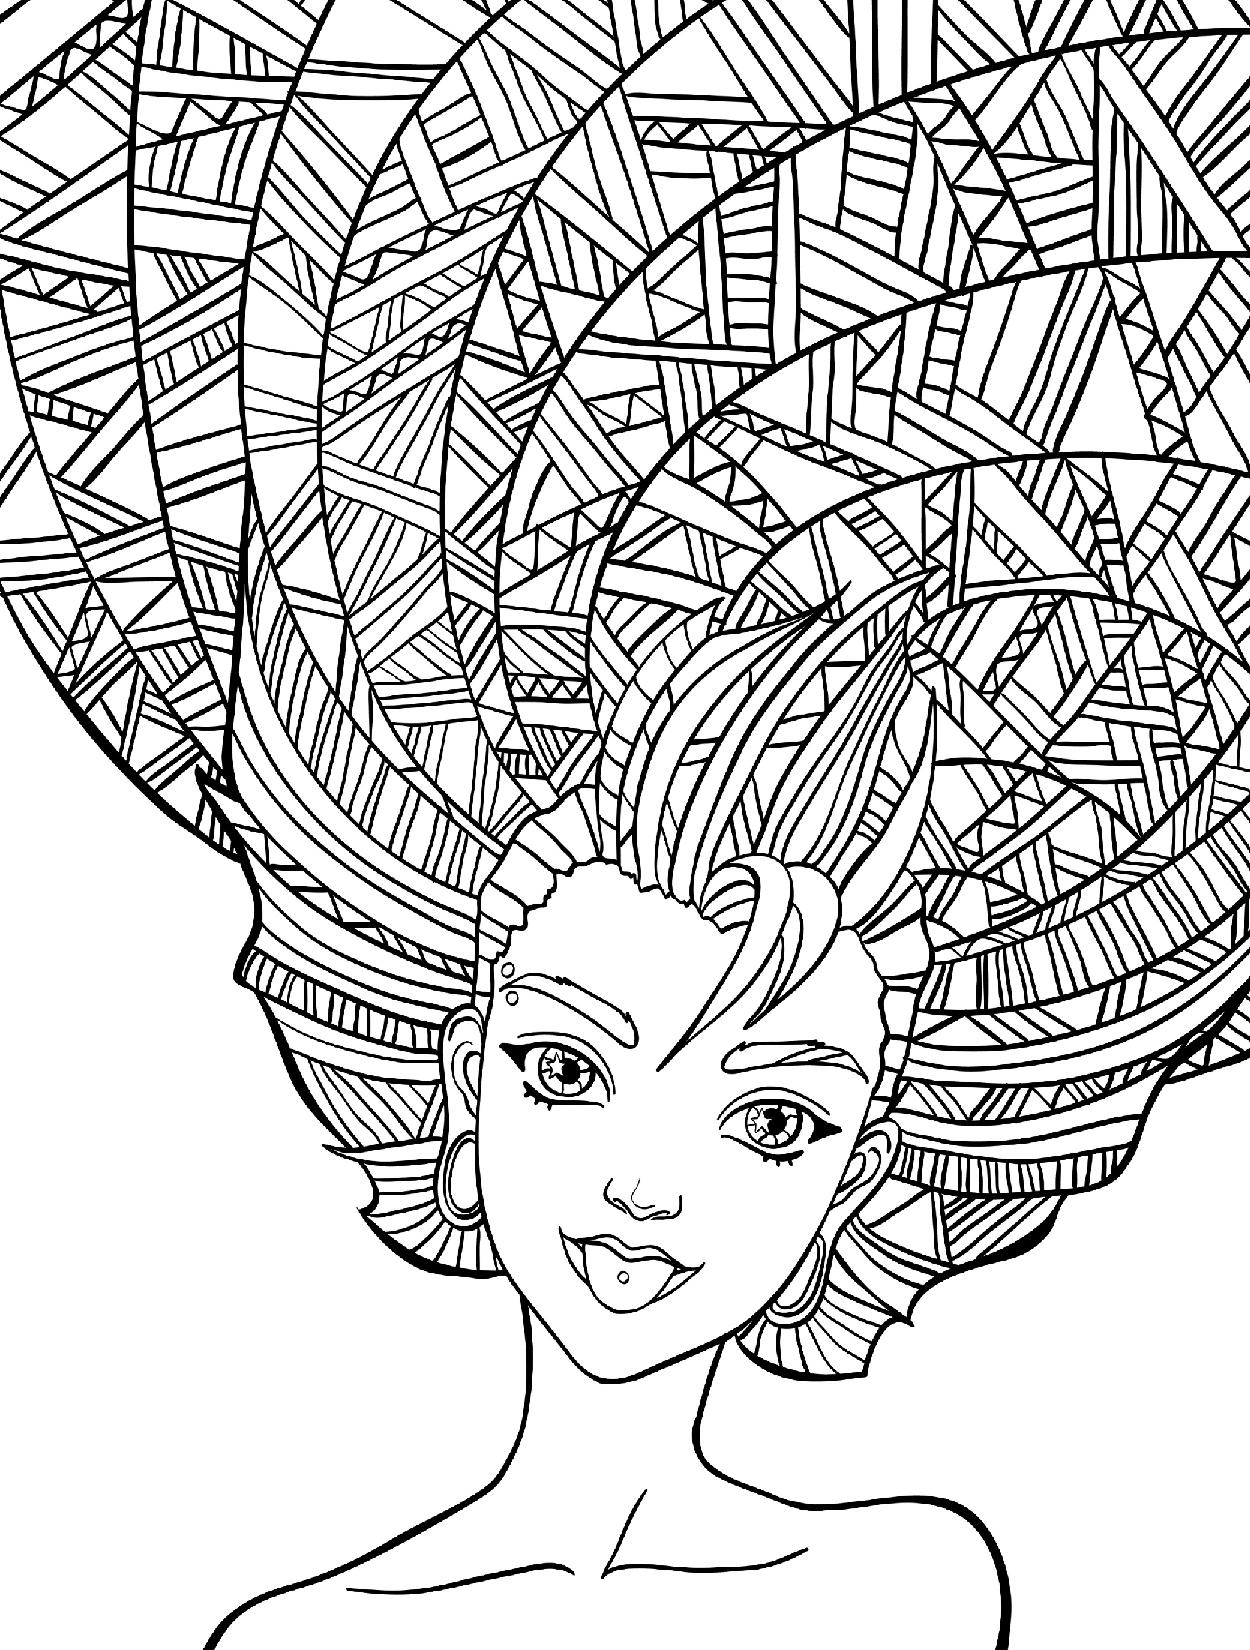 Прическа с этническими мотивами - Люди и лица - Раскраски ...